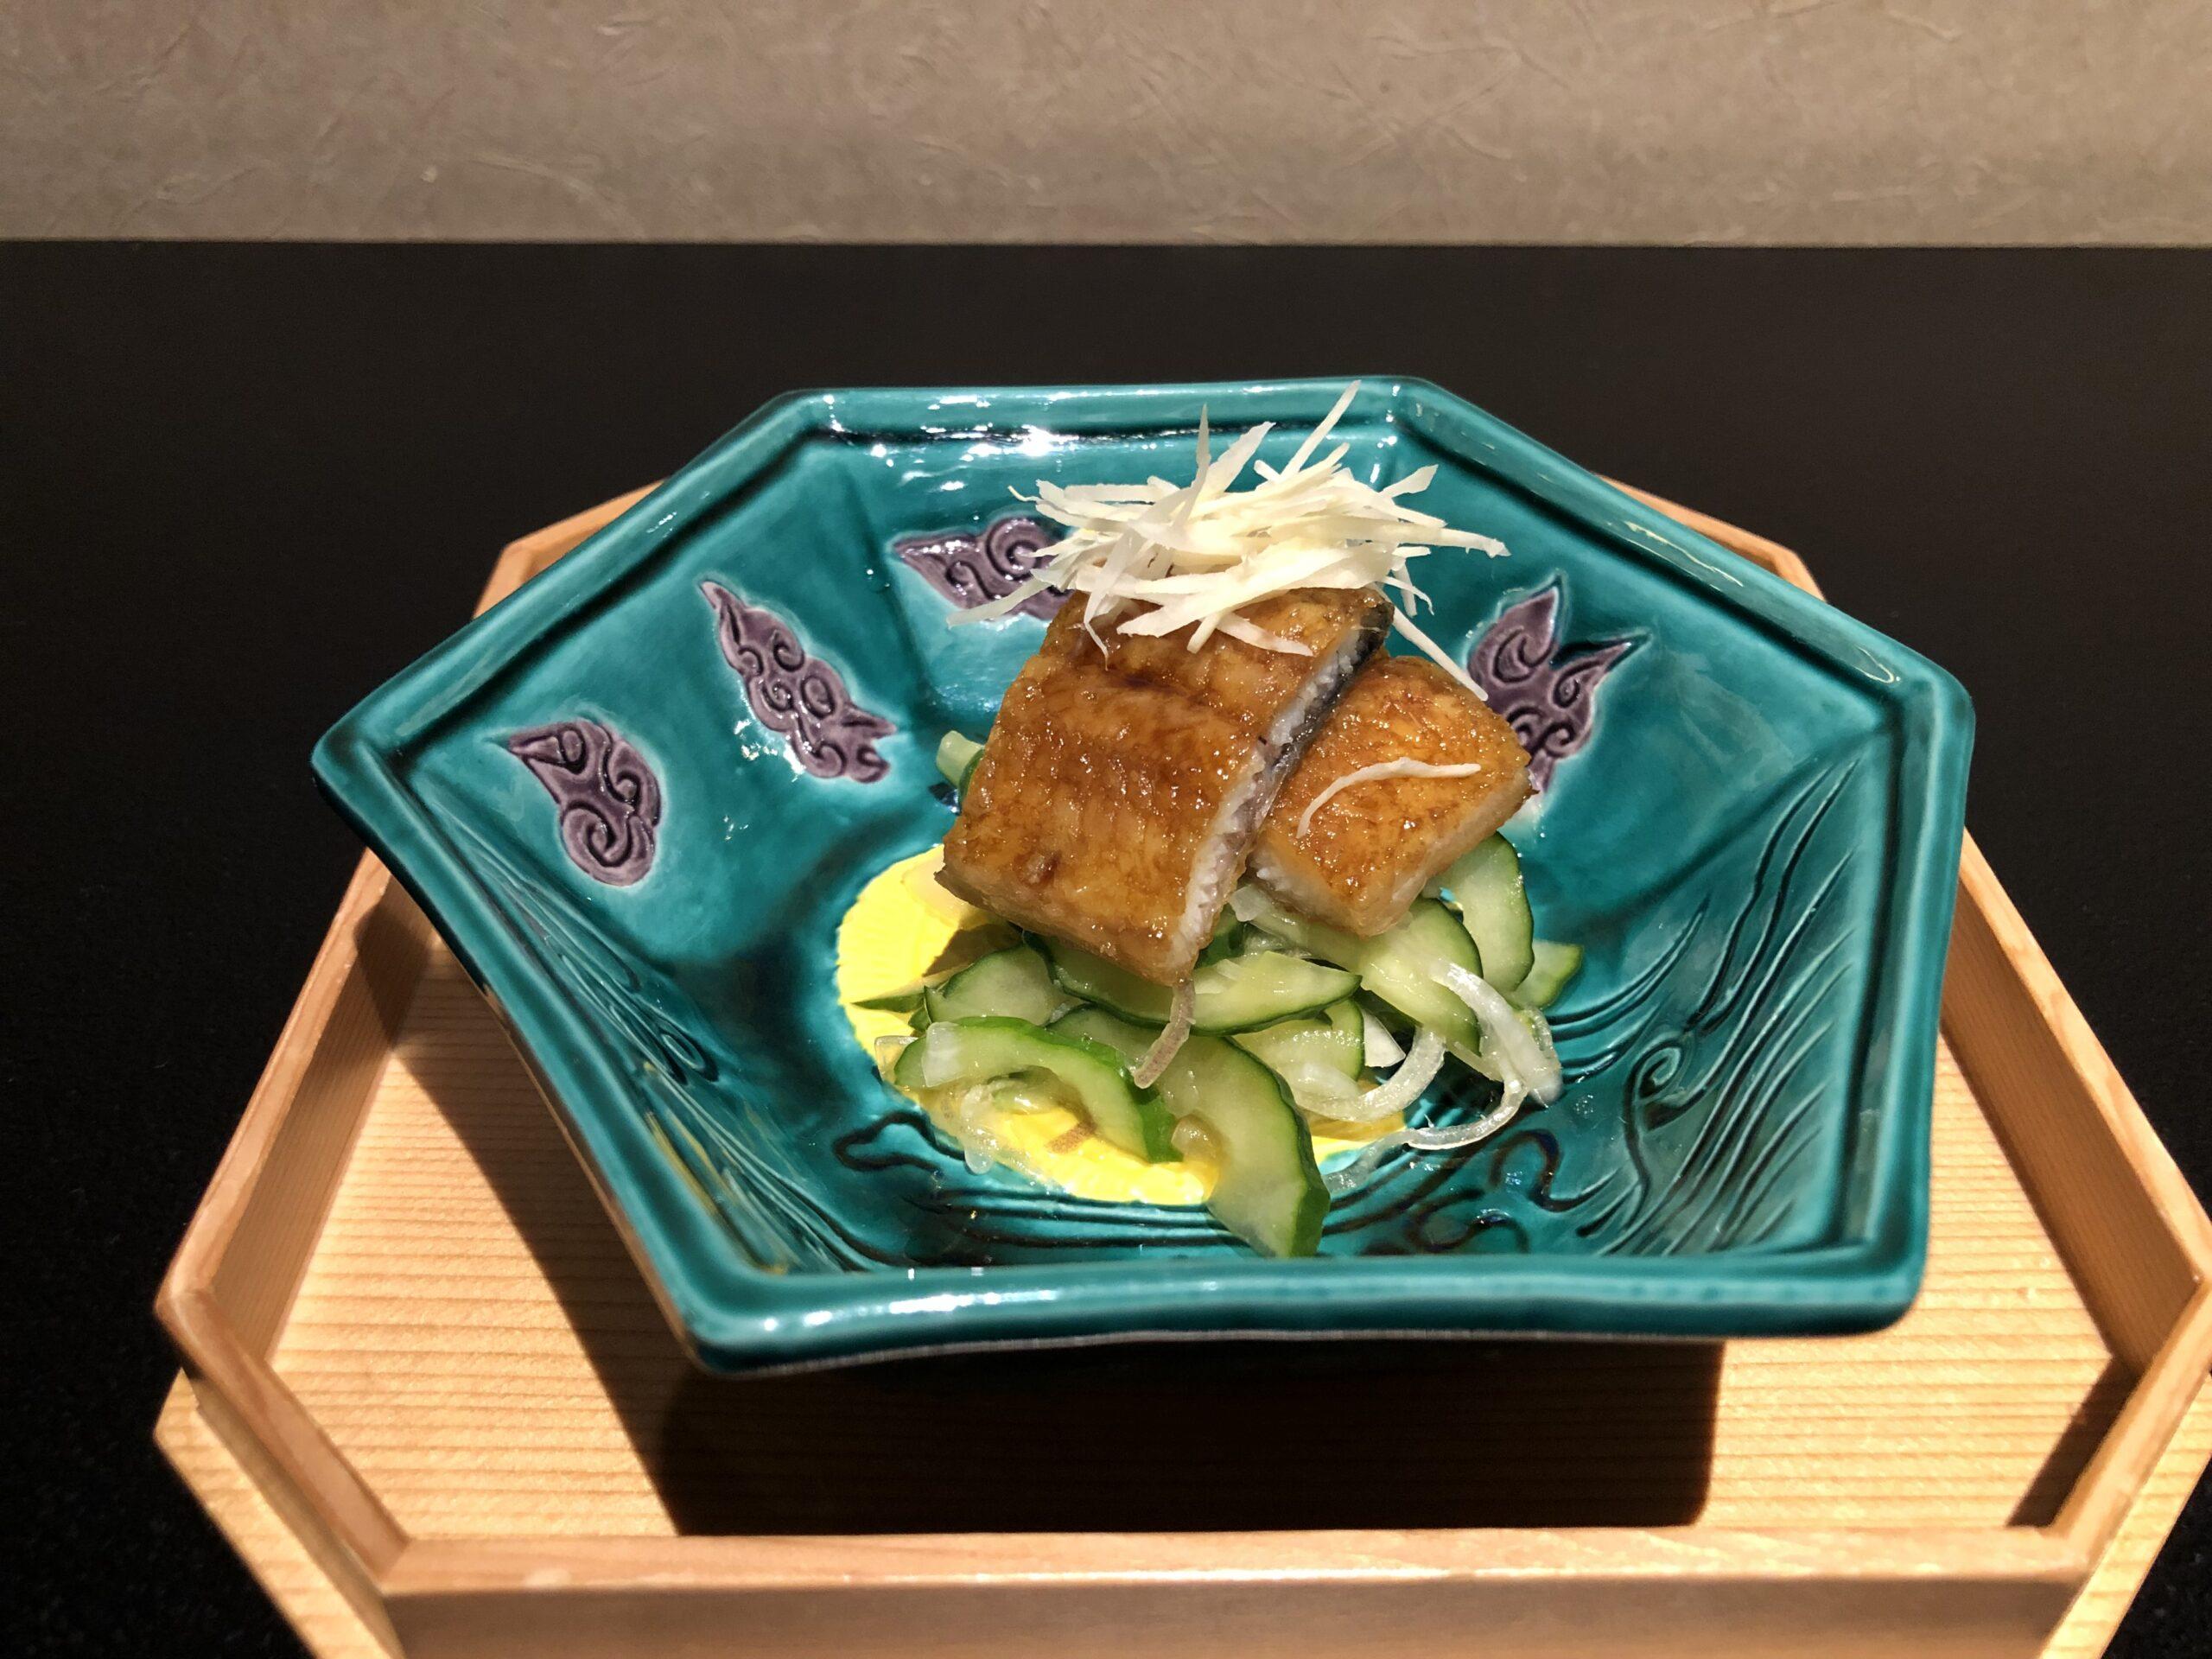 【日本料理みつわ】本日の一皿<p>鰻の蒲焼きを 冷やしたきゅうりの酢の物と一緒にいただく「鰻ざく」 柔らかく旨味たっぷりの鰻と、 シャキシャキとした食感のきゅうりは 味と食感のコントラストが絶妙。 暑い夏にさっぱりといただける一皿です。</p>